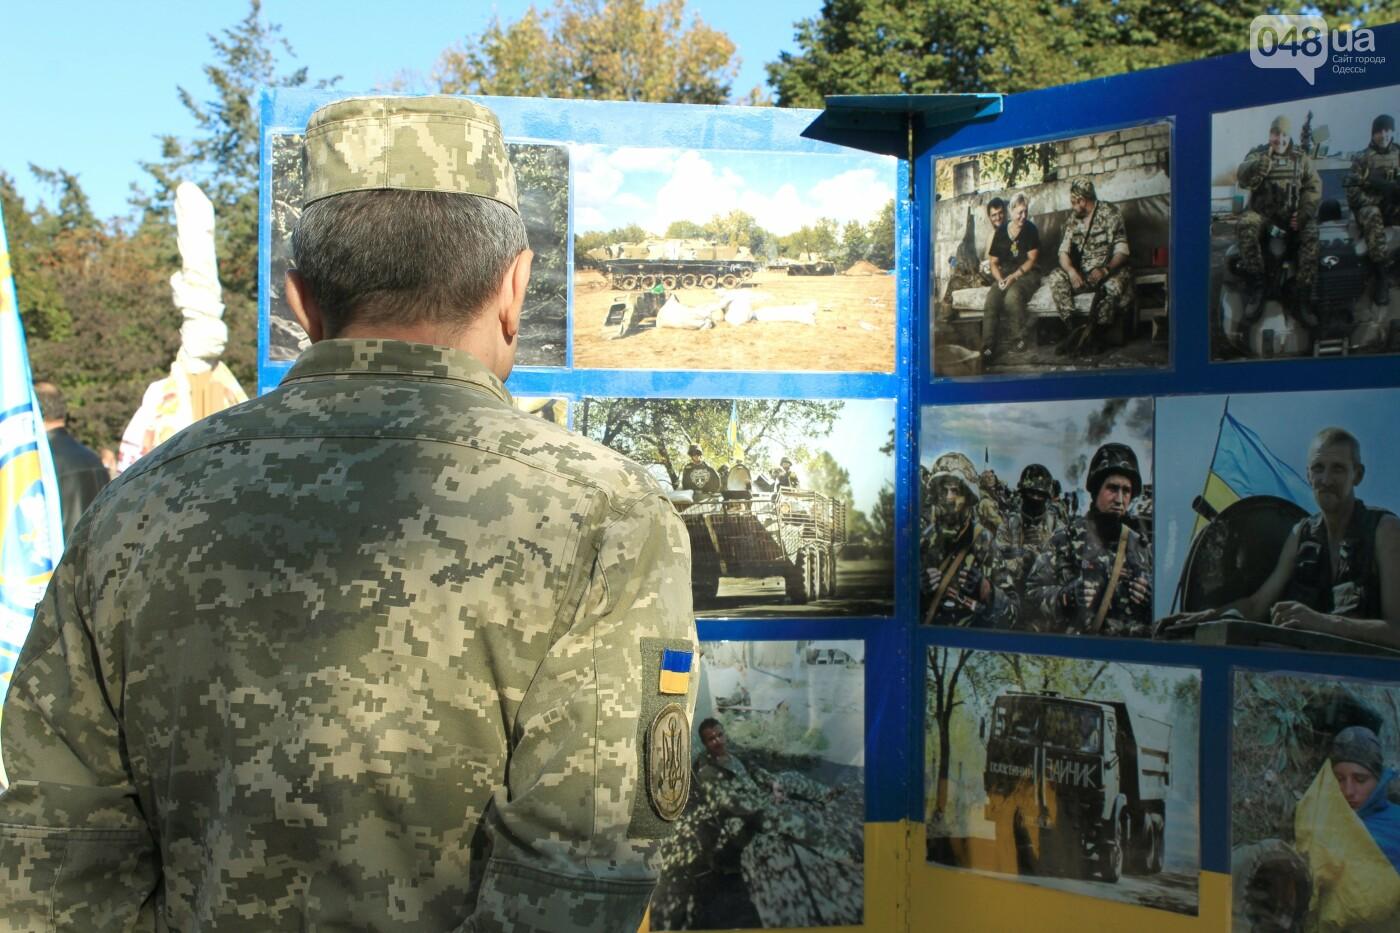 В Одессе почтили память героев, погибших на Донбассе, - ФОТОРЕПОРТАЖ, фото-13